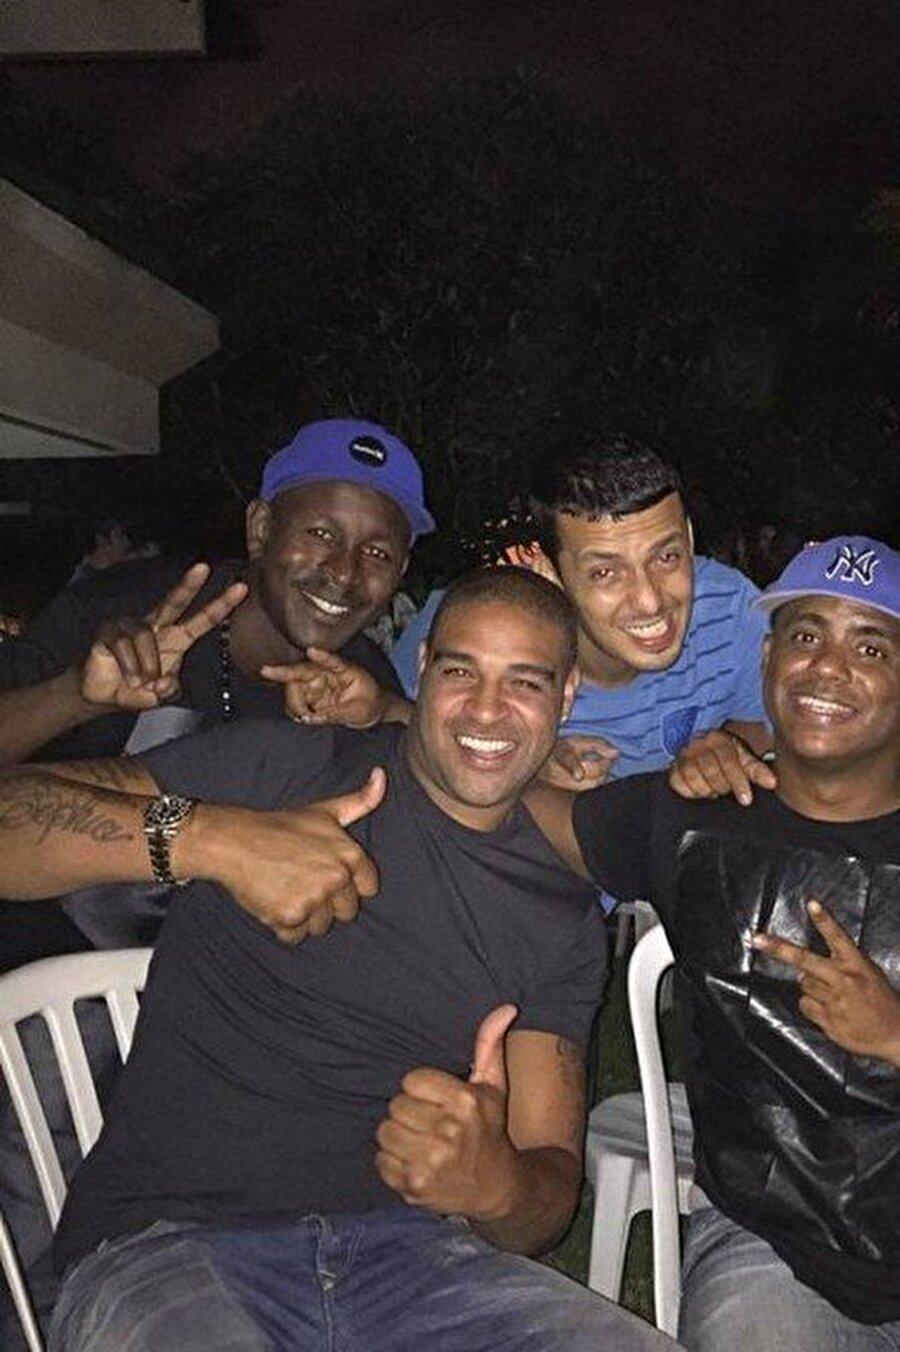 İki aylık sözleşme Bu sözleşme ise son derece kısa sürdü. Adriano, Amerika 4. Futbol Ligi'nde mücadele eden kulübüyle olan sözleşmesini 28 Mayıs 2016'da sonlandırdı.